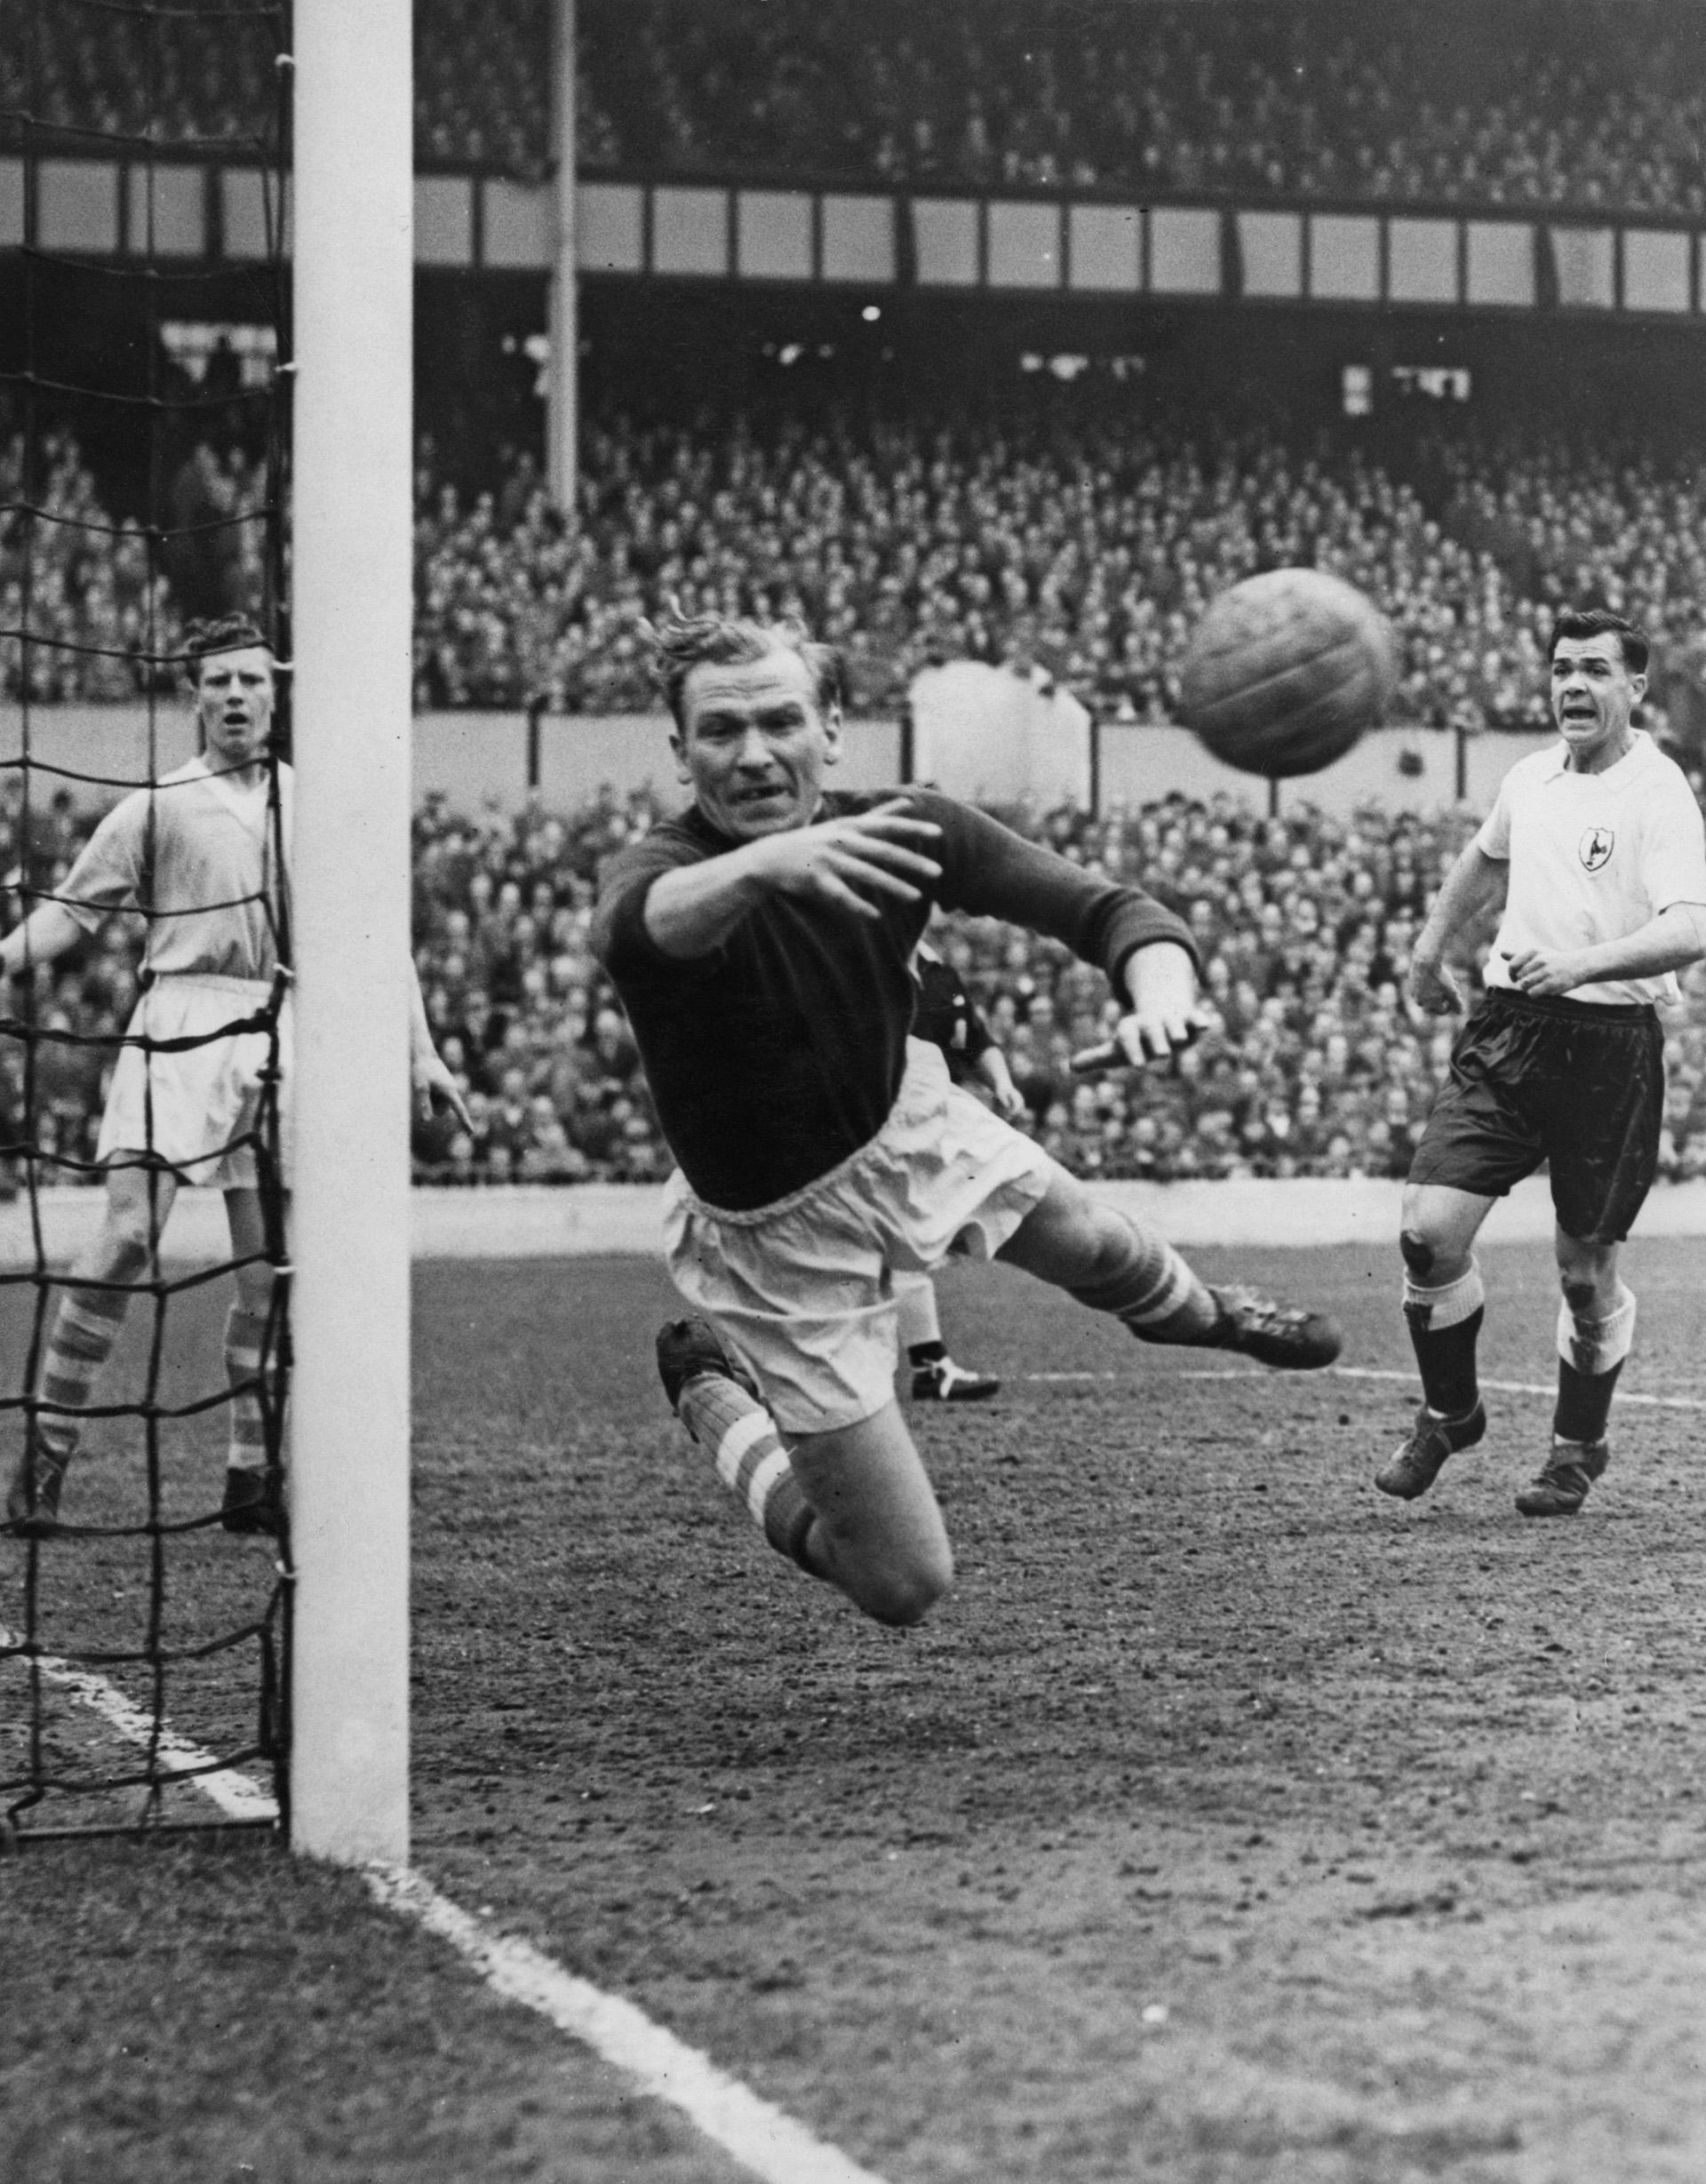 Bert Trautmann en acción: una imagen del 24 de marzo de 1956 contra el Tottenham Hotspur en el estadio White Hart Lane de Londres. Ese año el arquero fue elegido el mejor jugador del campeonato(Getty Images)